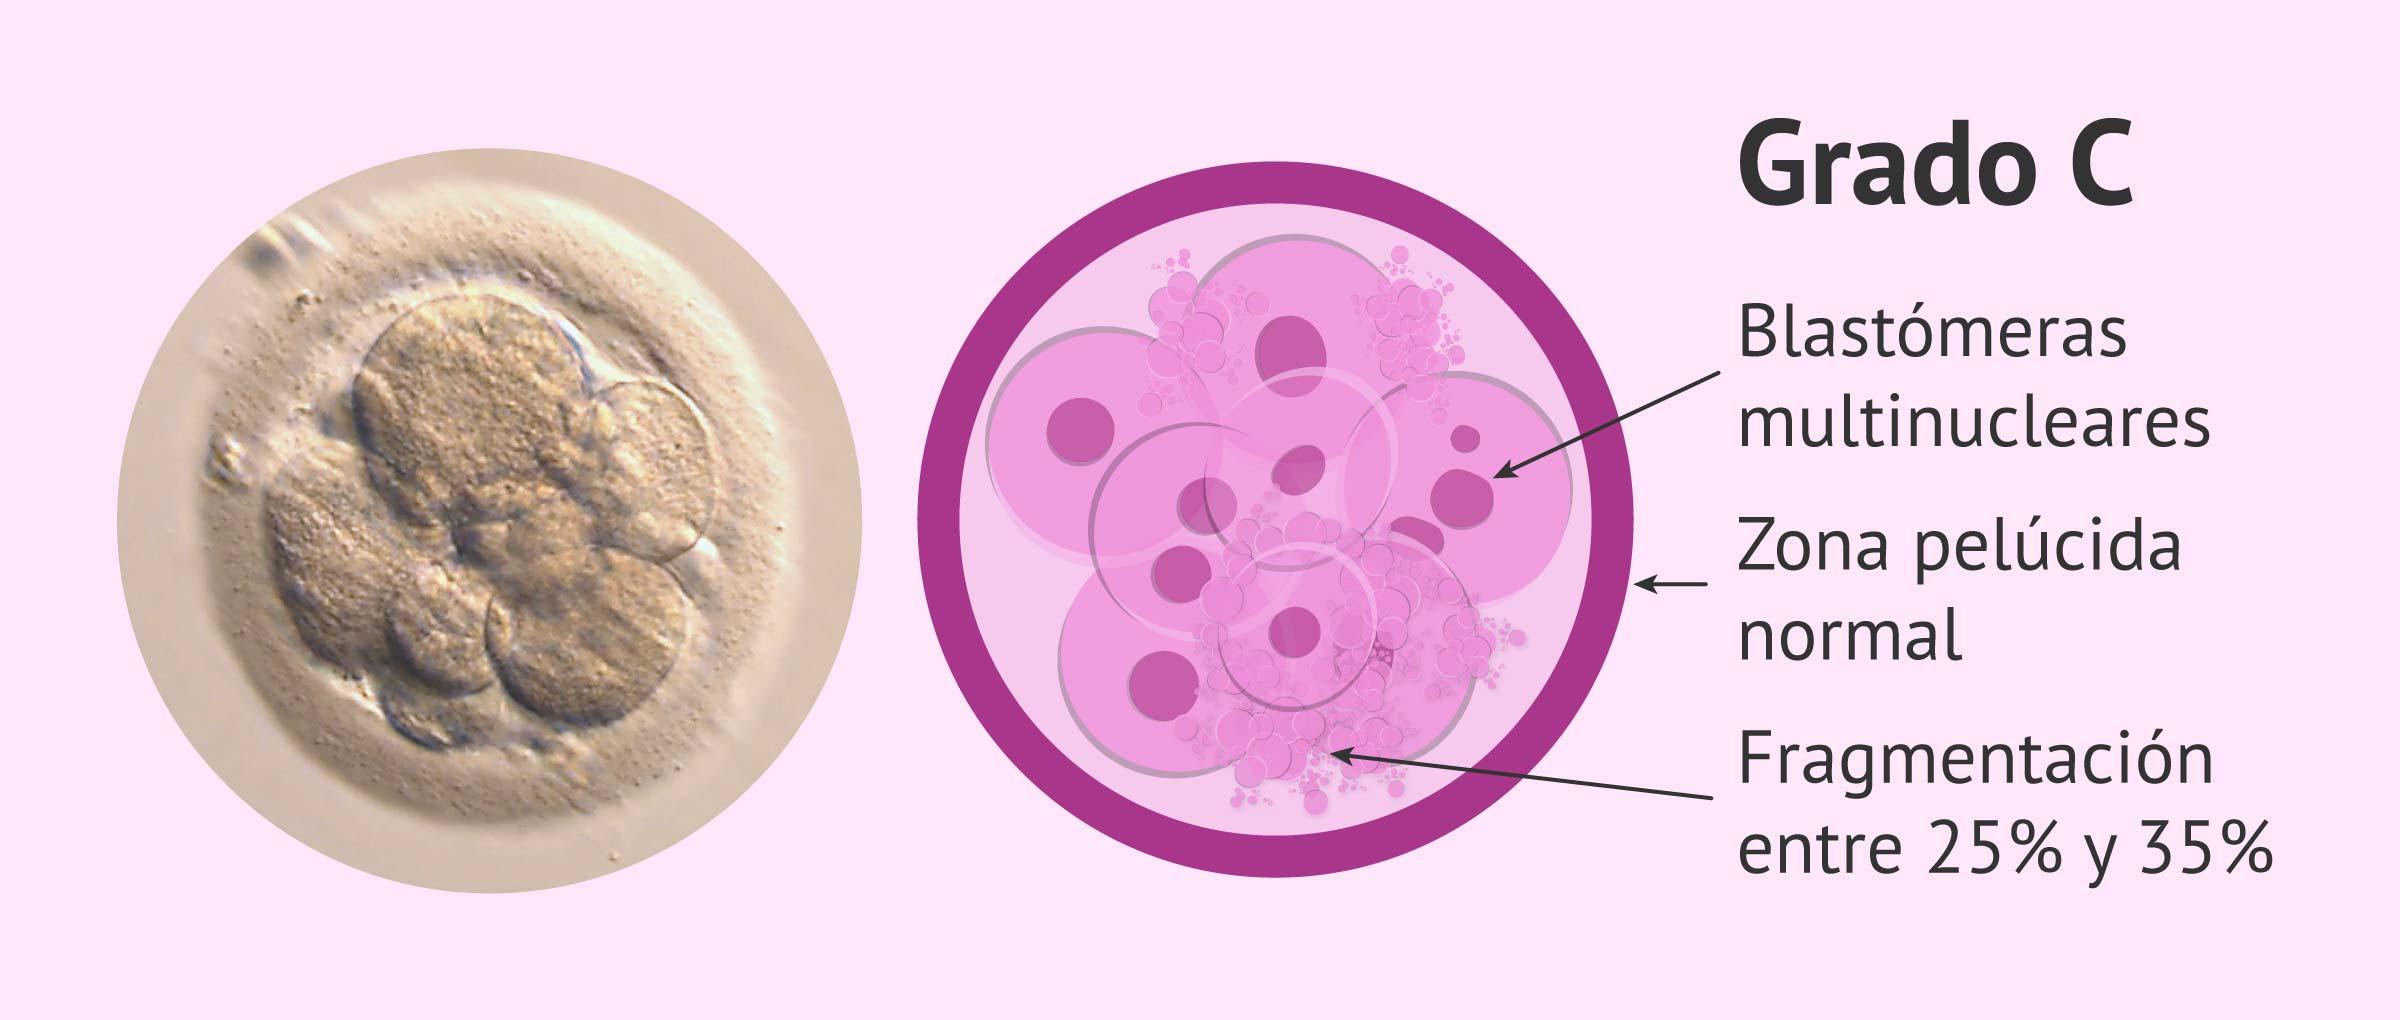 Calidad embrionaria: grado C